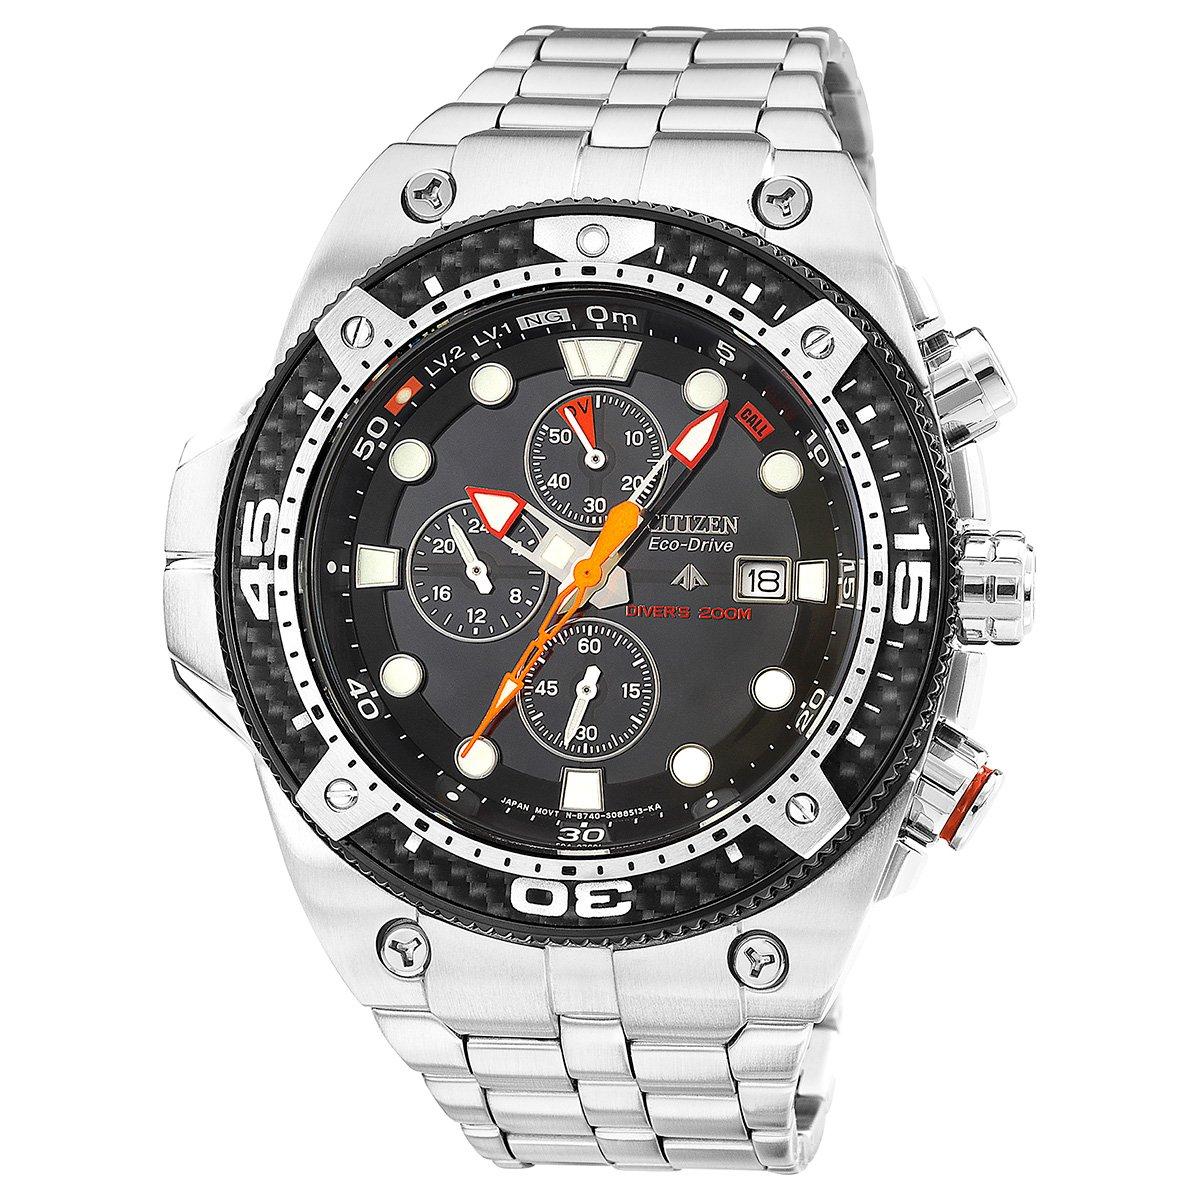 4e82dd55f2f Relógio Citizen Aqualand TZ30339D - Compre Agora